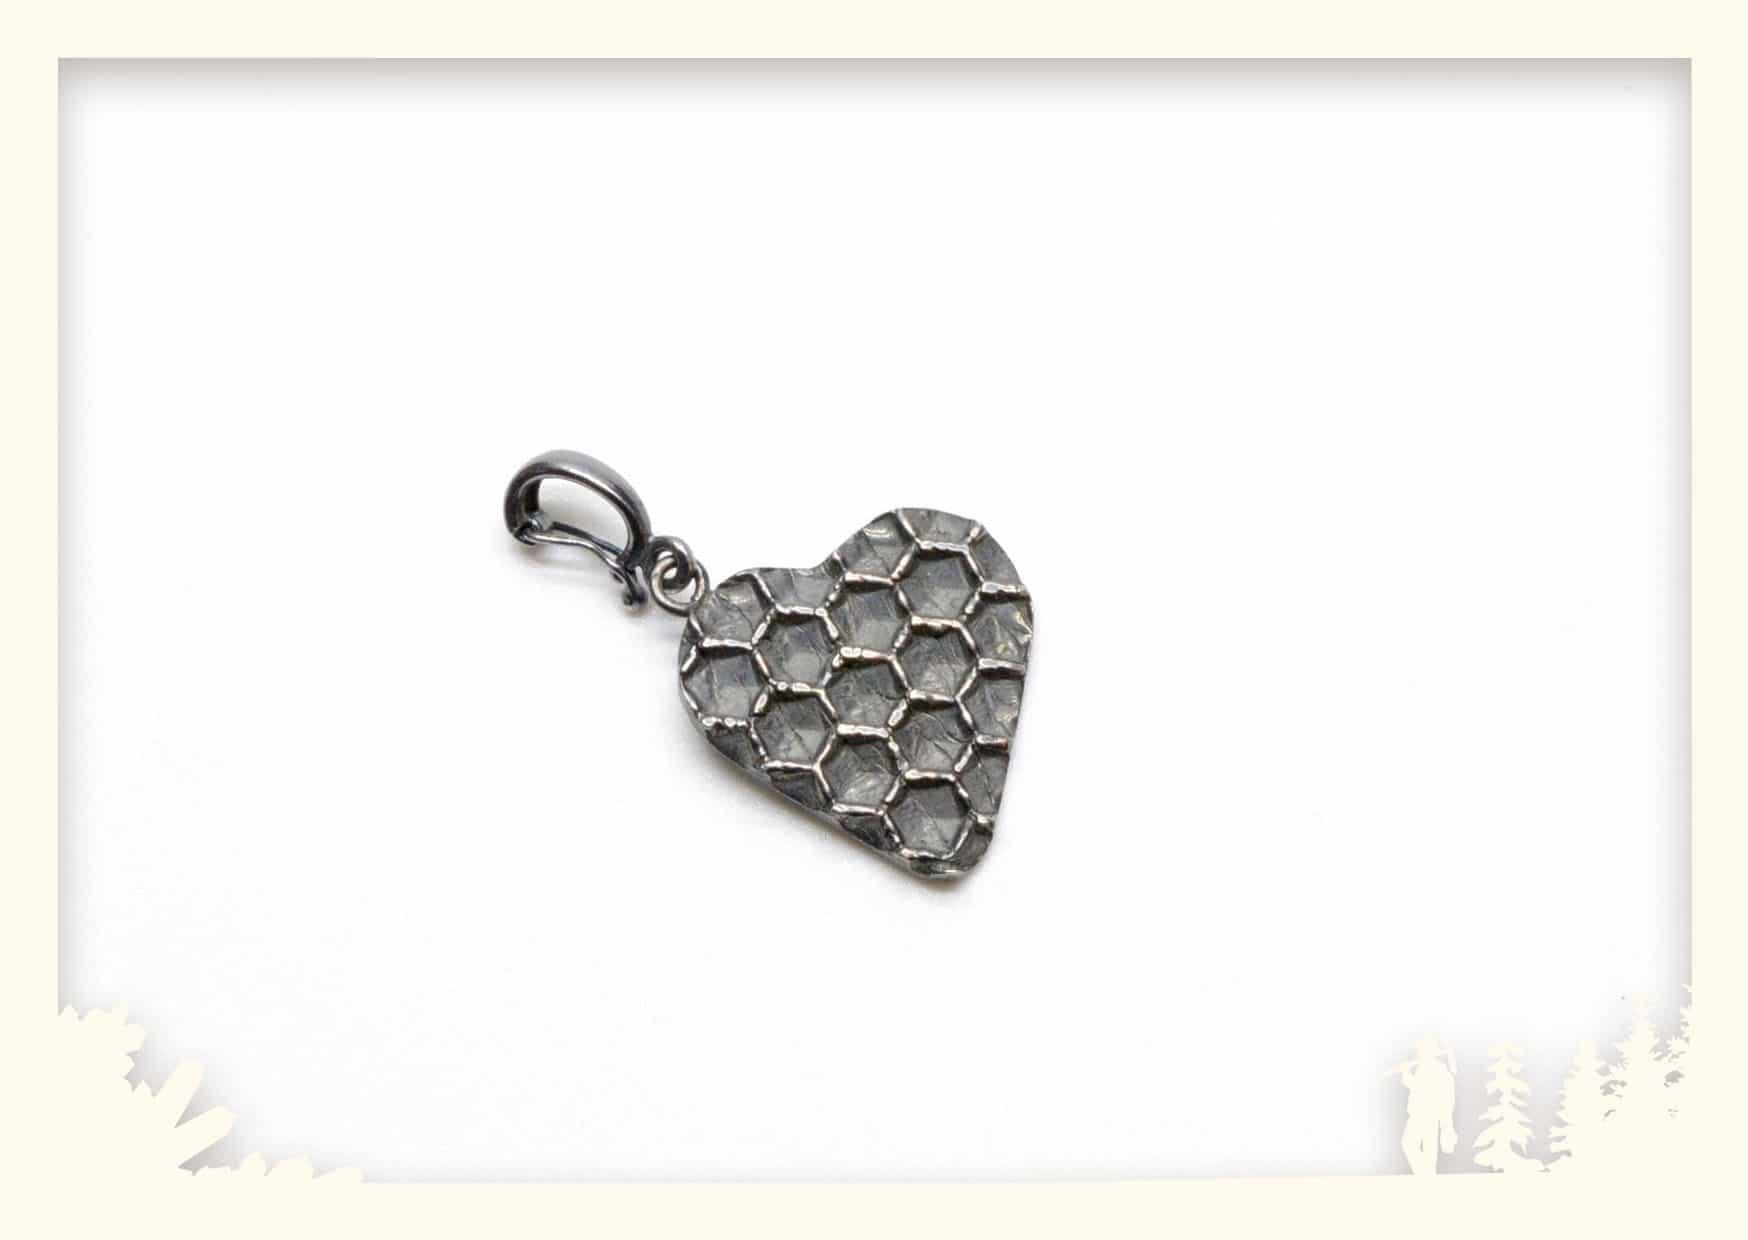 Anhänger Bienenwabe, Herzform, Silber 925 geschwärzt